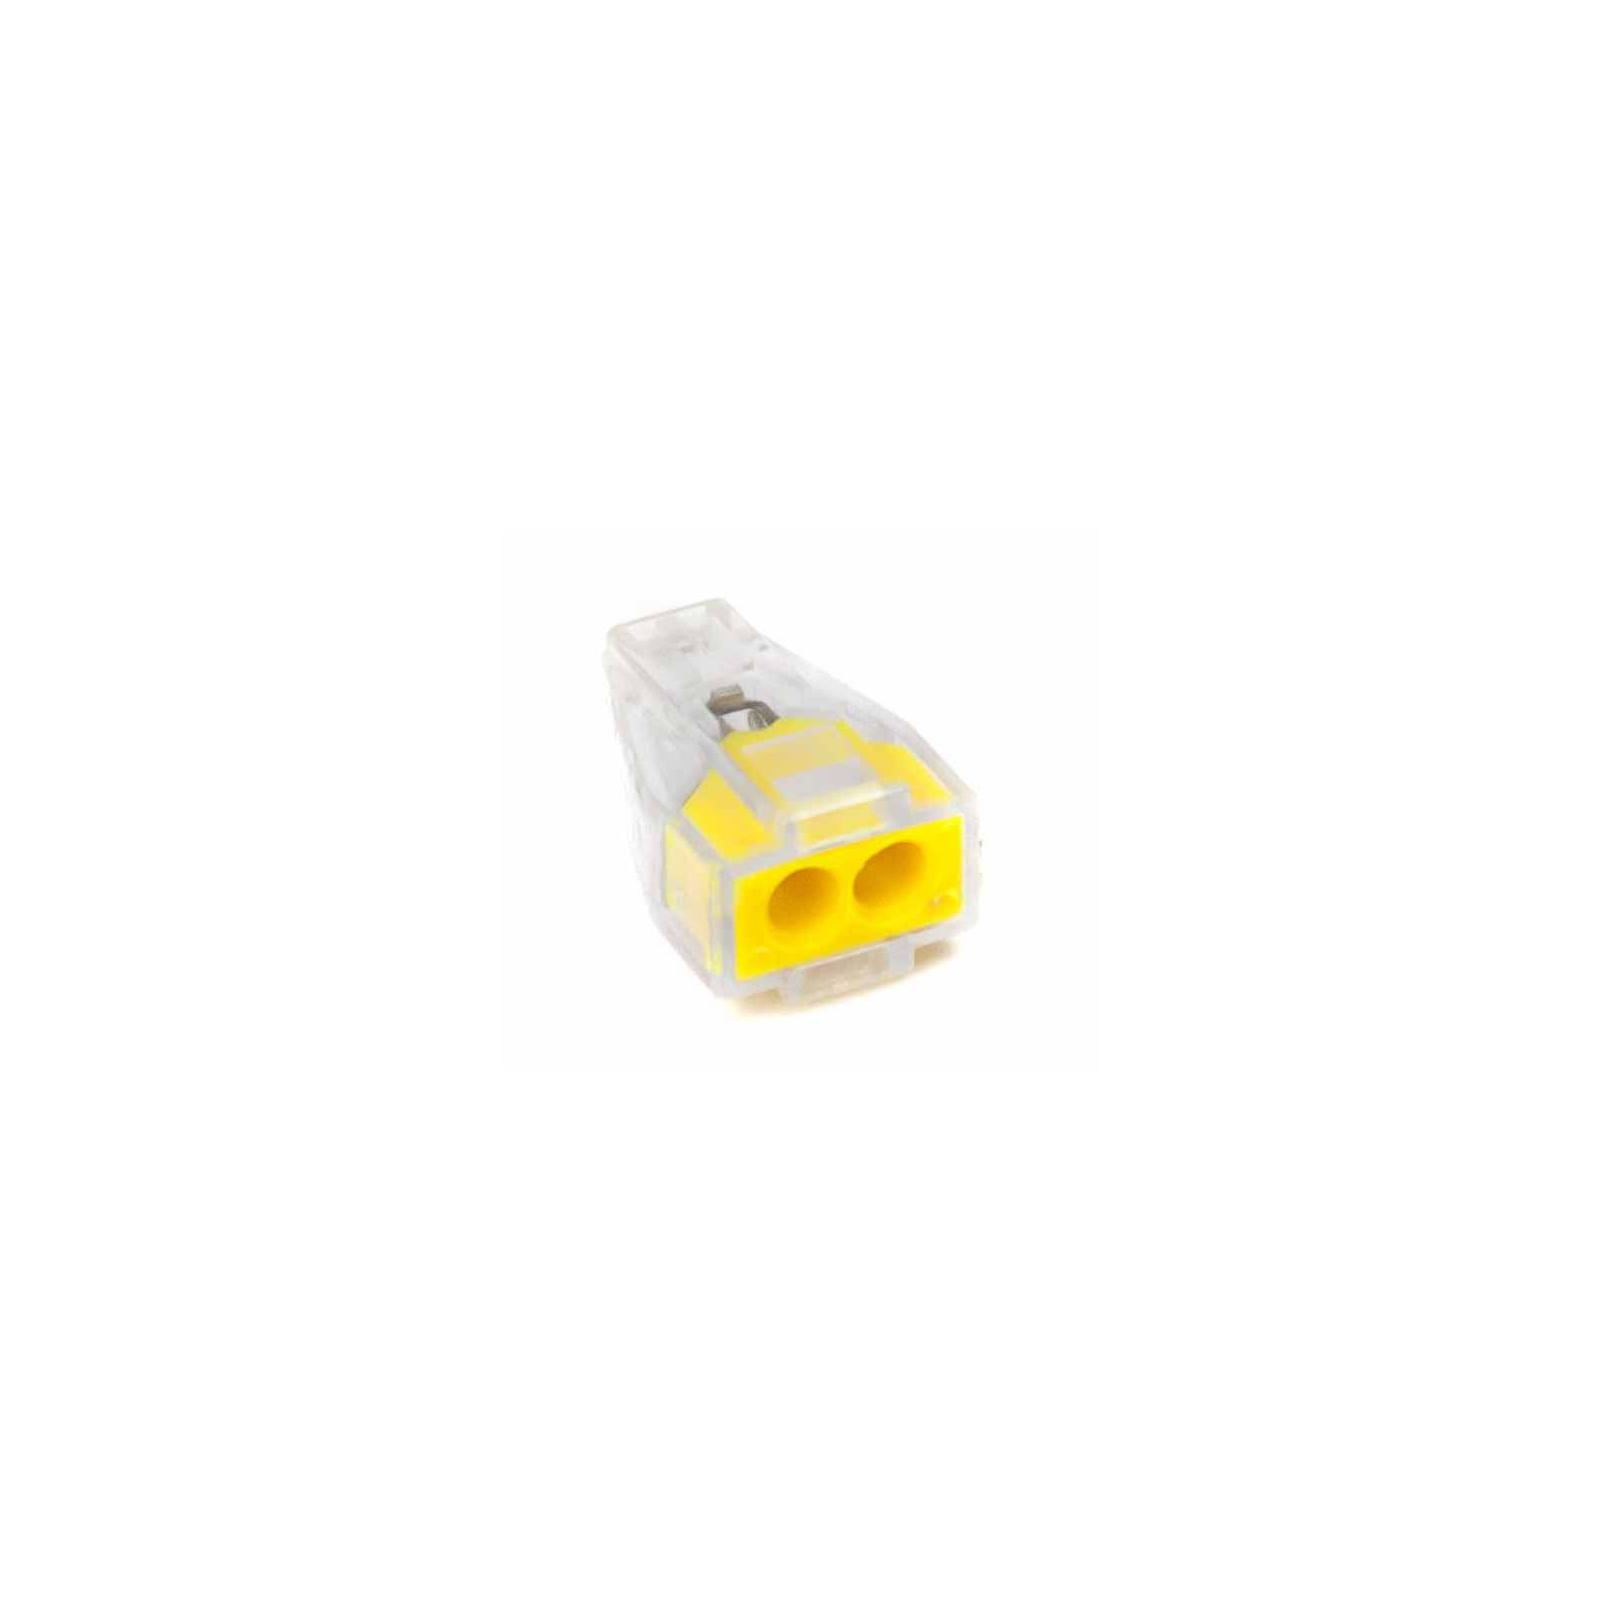 Средства монтажа Коннектор CMK-102 Cablexpert (CMK-102)